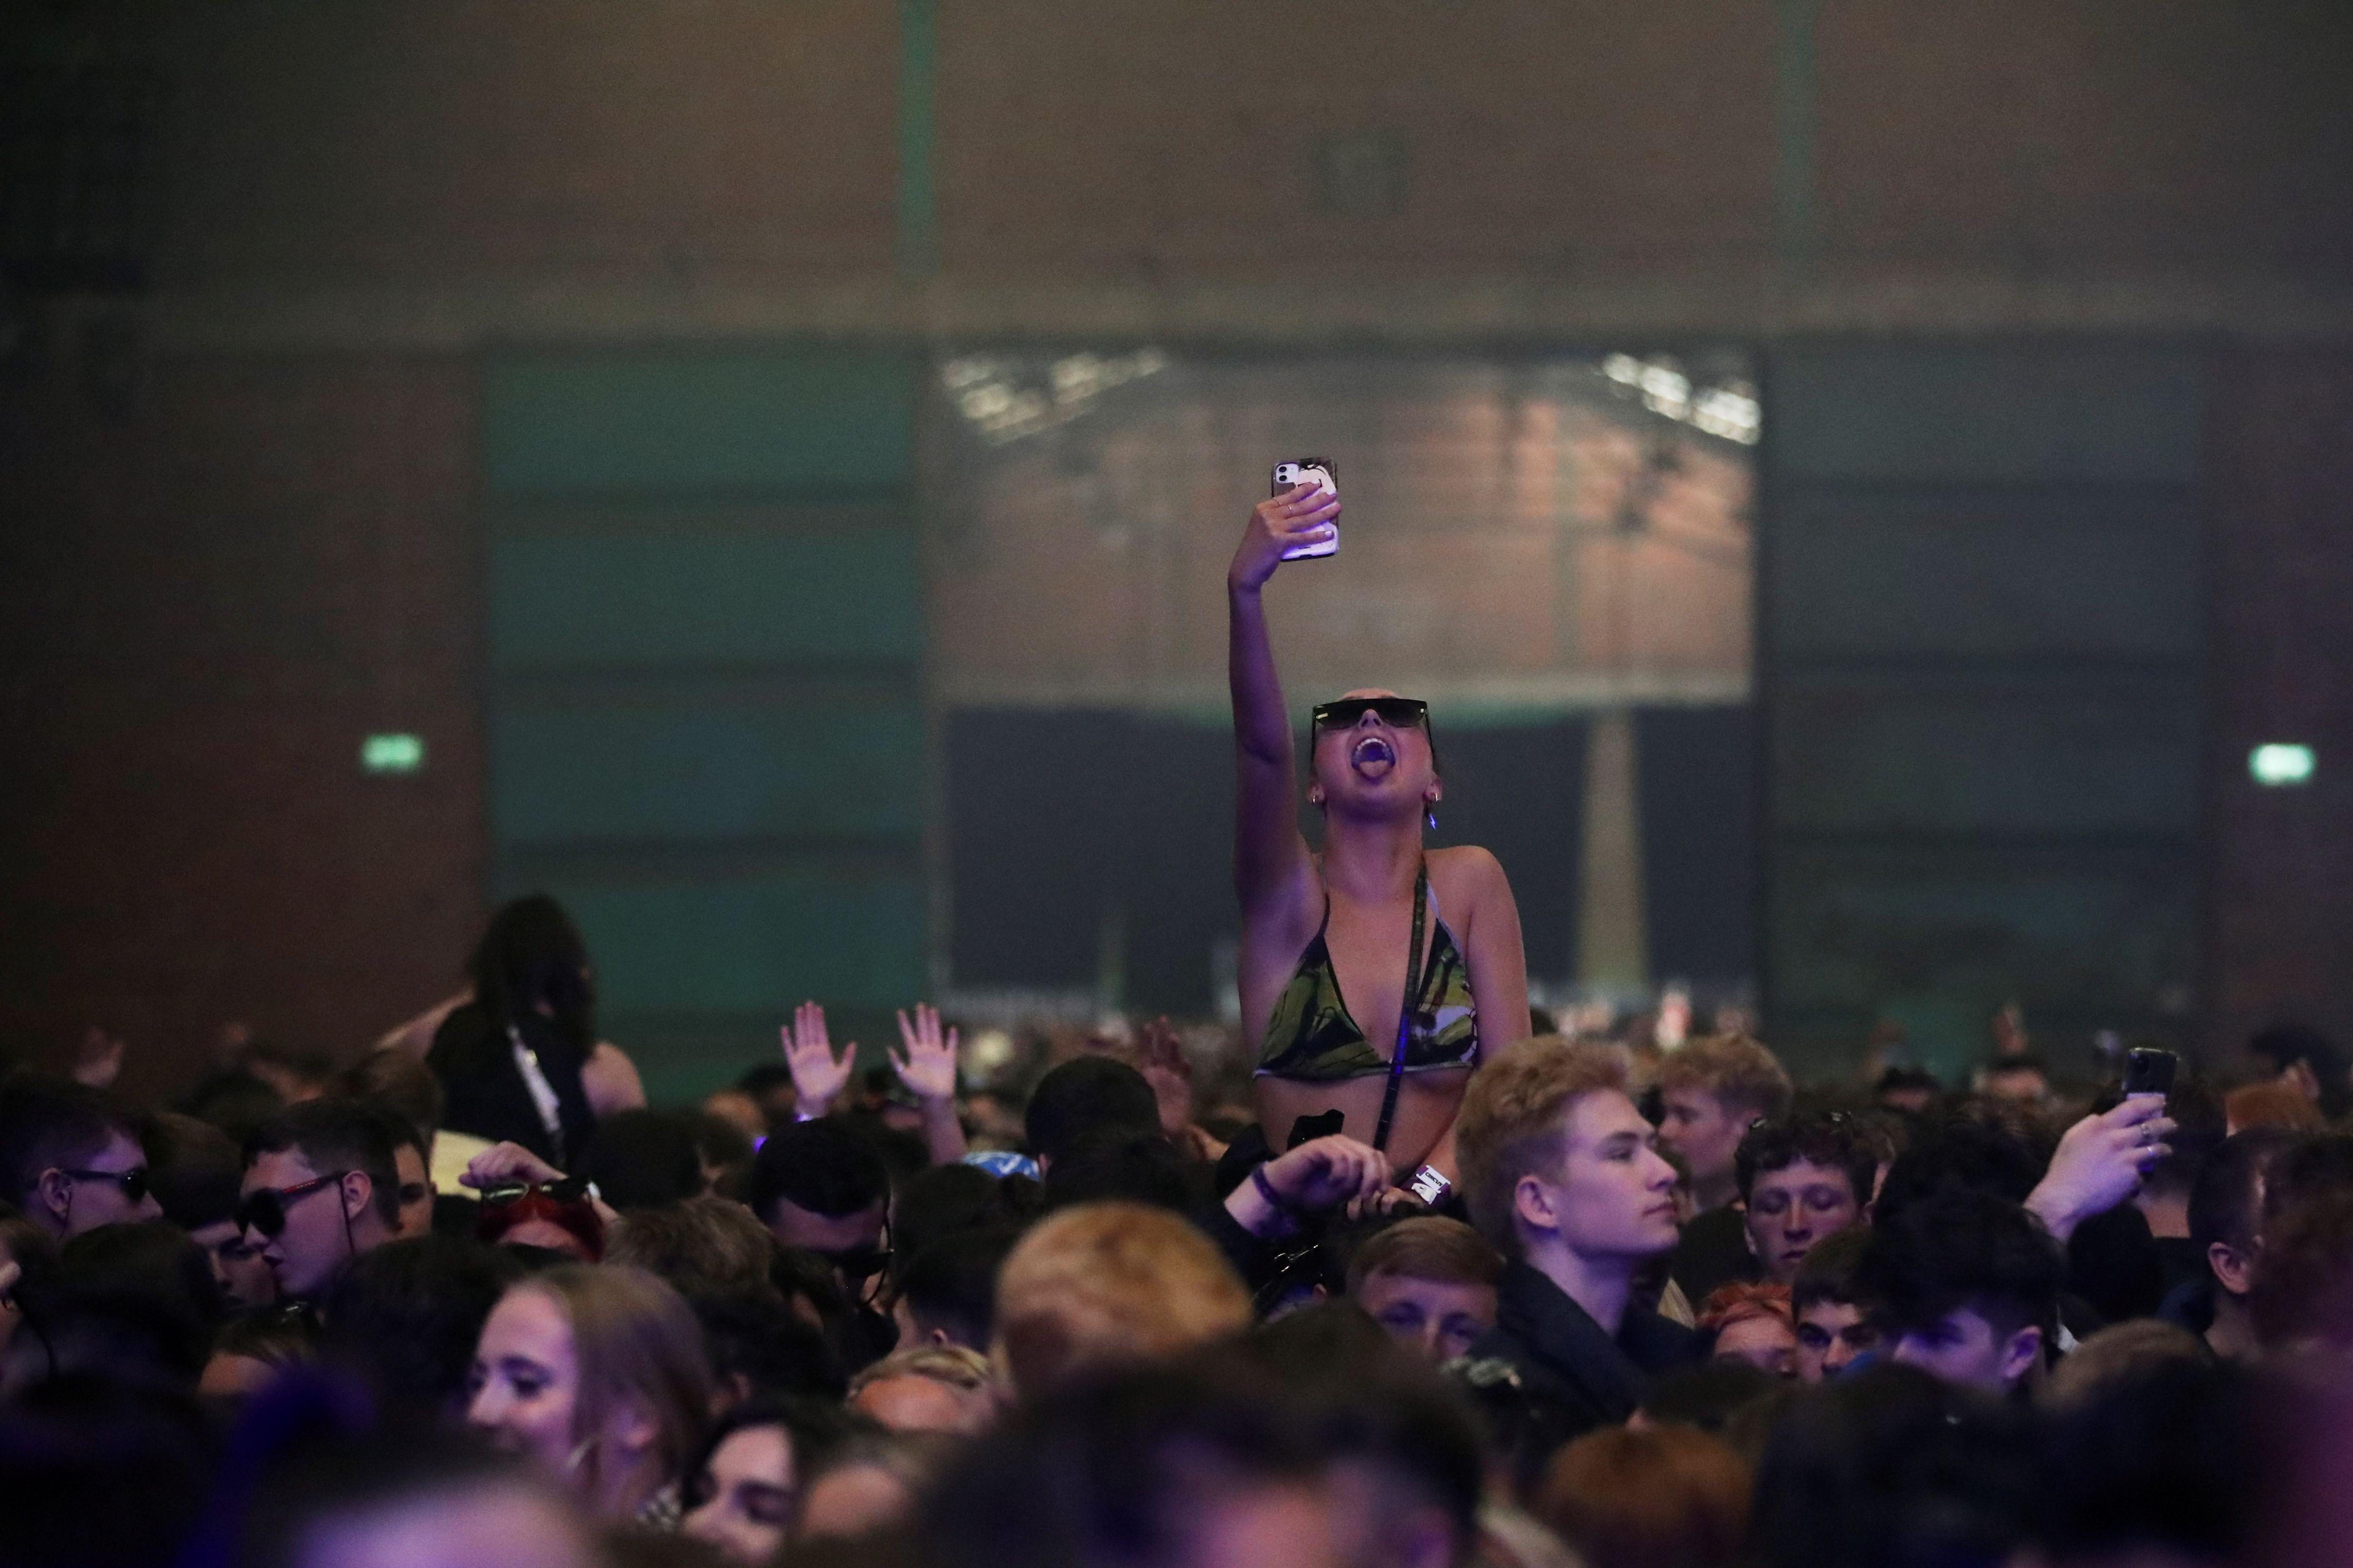 Una mujer disfruta en Circus, como parte de un programa de investigación nacional que evalúa el riesgo de transmisión de la enfermedad del coronavirus (COVID-19), en Liverpool, Gran Bretaña, el 30 de abril de 2021. REUTERS / Carl Recine